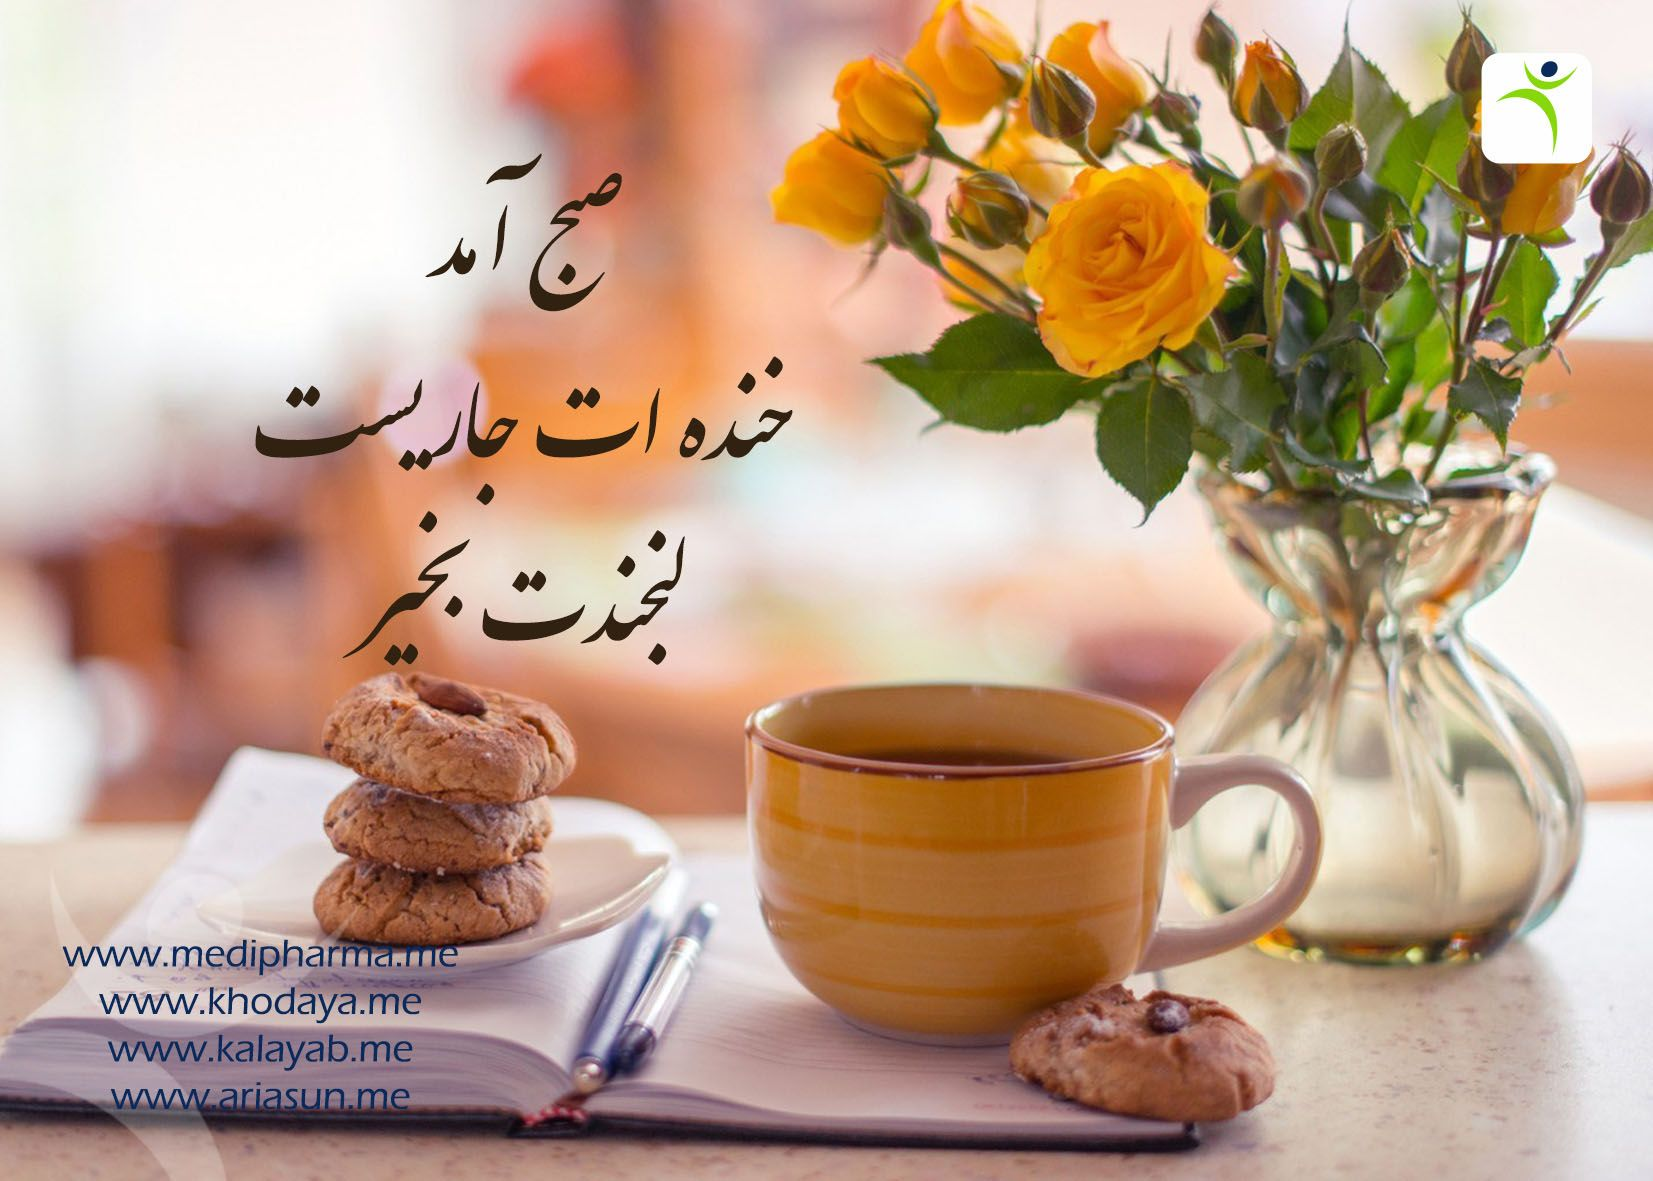 دوشنبه ١٥ شهریور ١٣٩٥ه ش ٣ ذی الحجه ١٤٣٧ه ق ٥ سپتامبر ٢٠١٦ميلادى صبح آمد خنده ات جاریست ل Good Morning Greetings Good Morning Quotes Morning Greeting